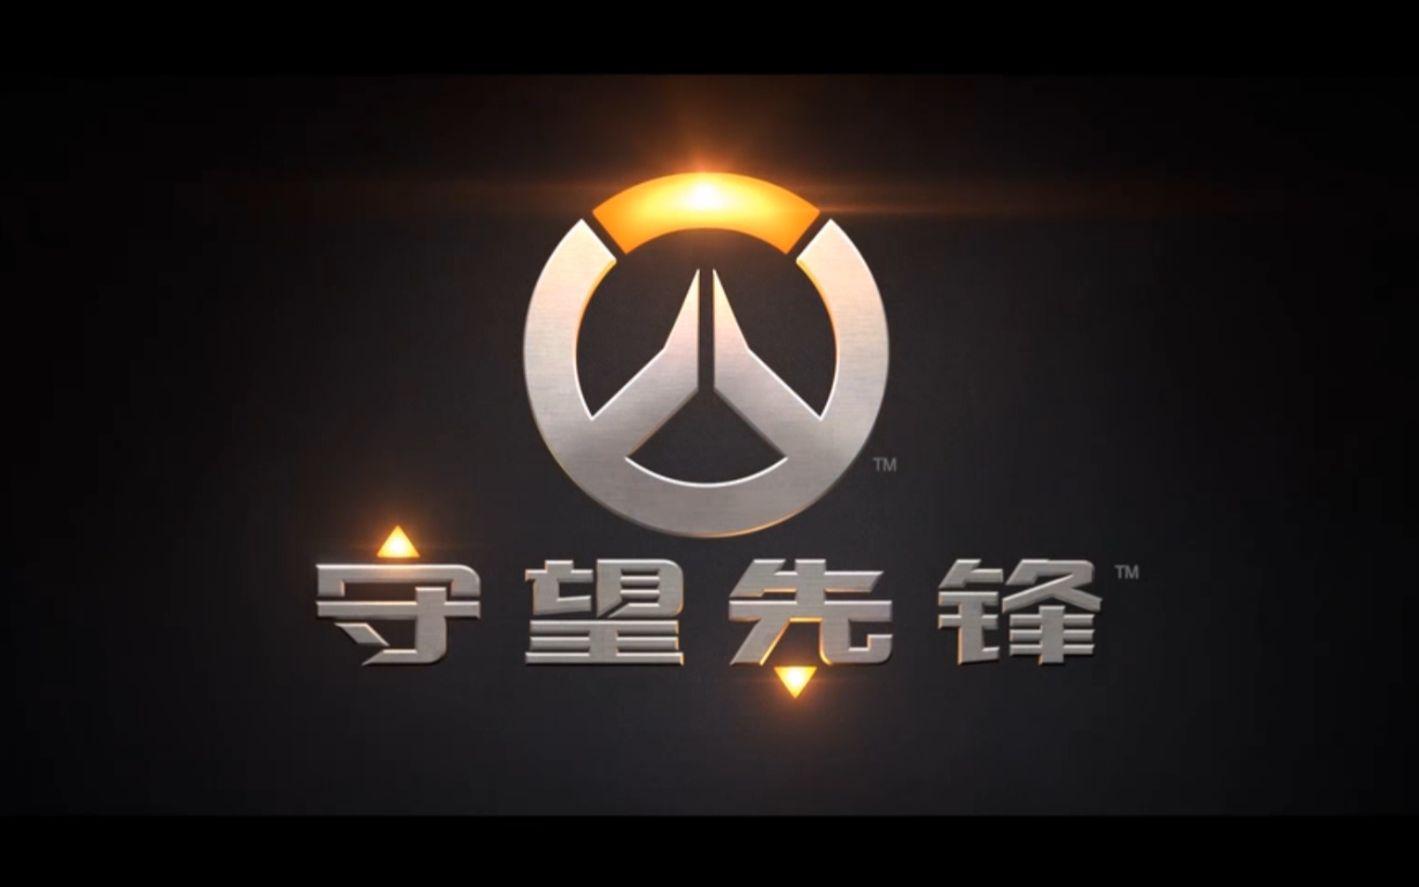 守望先锋新英雄:蔡徐坤 英雄介绍